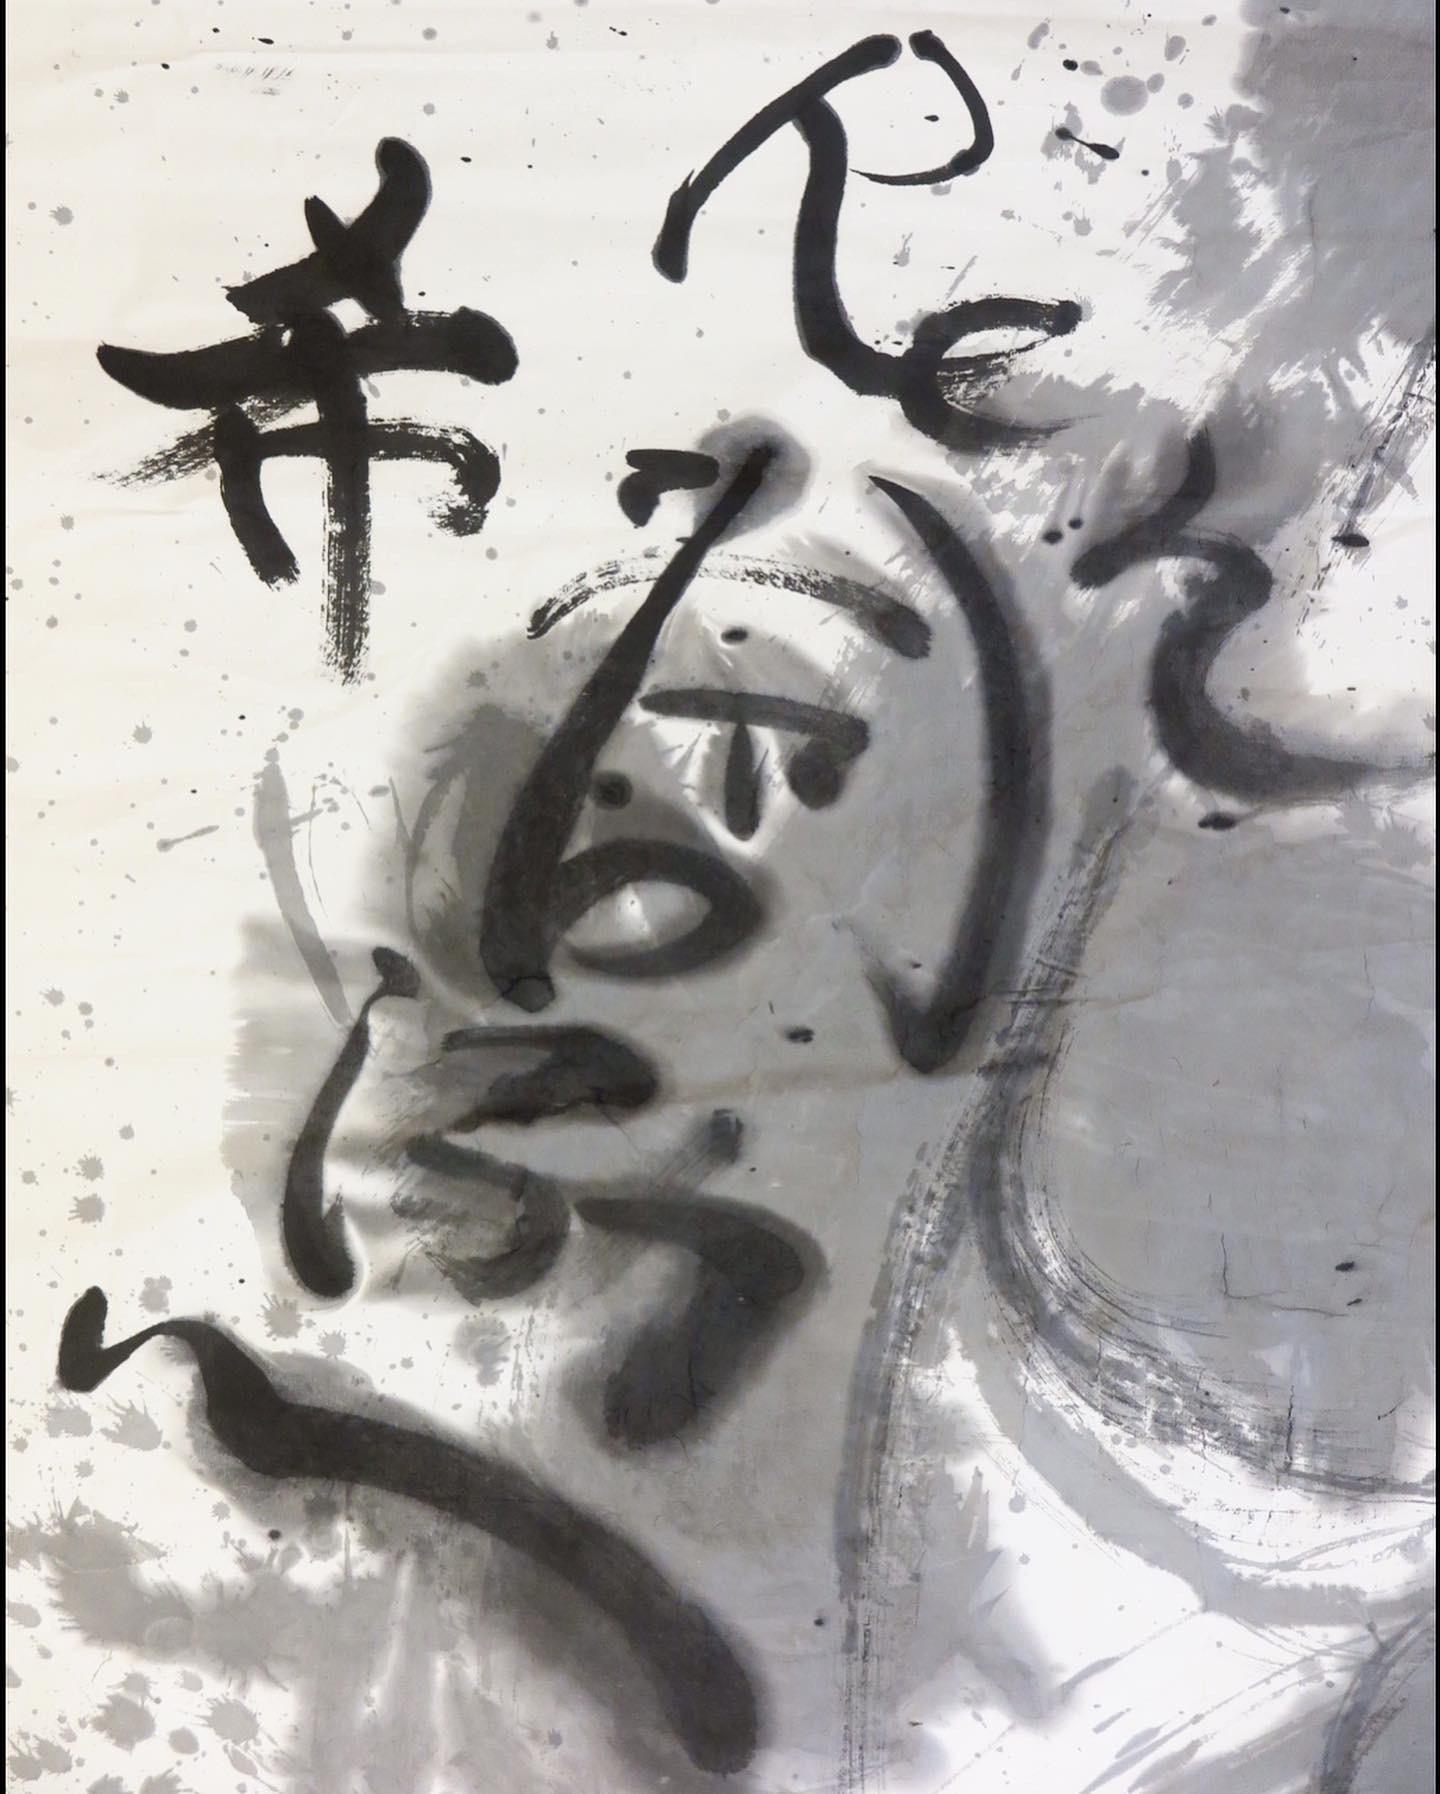 「岡本彰夫✖️辻明俊 新刊を語る」2部夕暮れコンサート こころひとつに_f0389753_07432541.jpeg